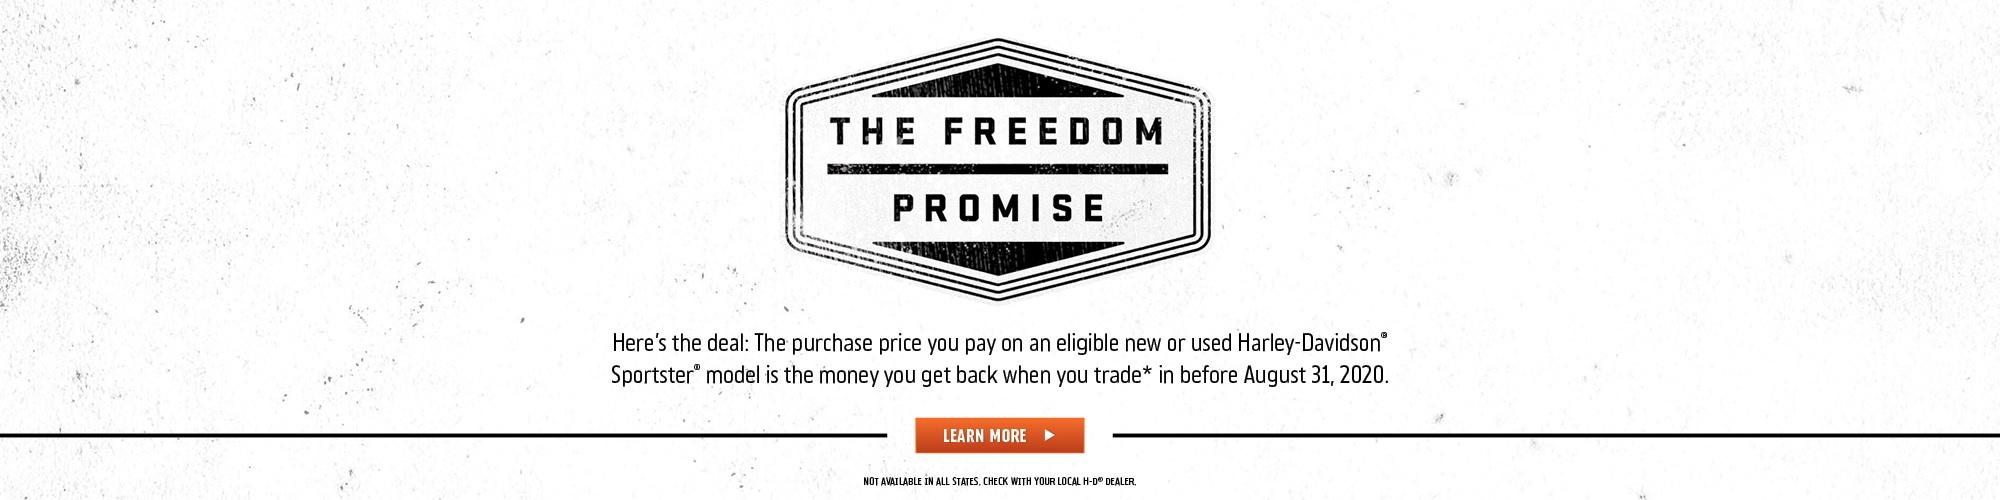 Harley-Davidson Freedom Promise at Destination Harley-Davidson Silverdale